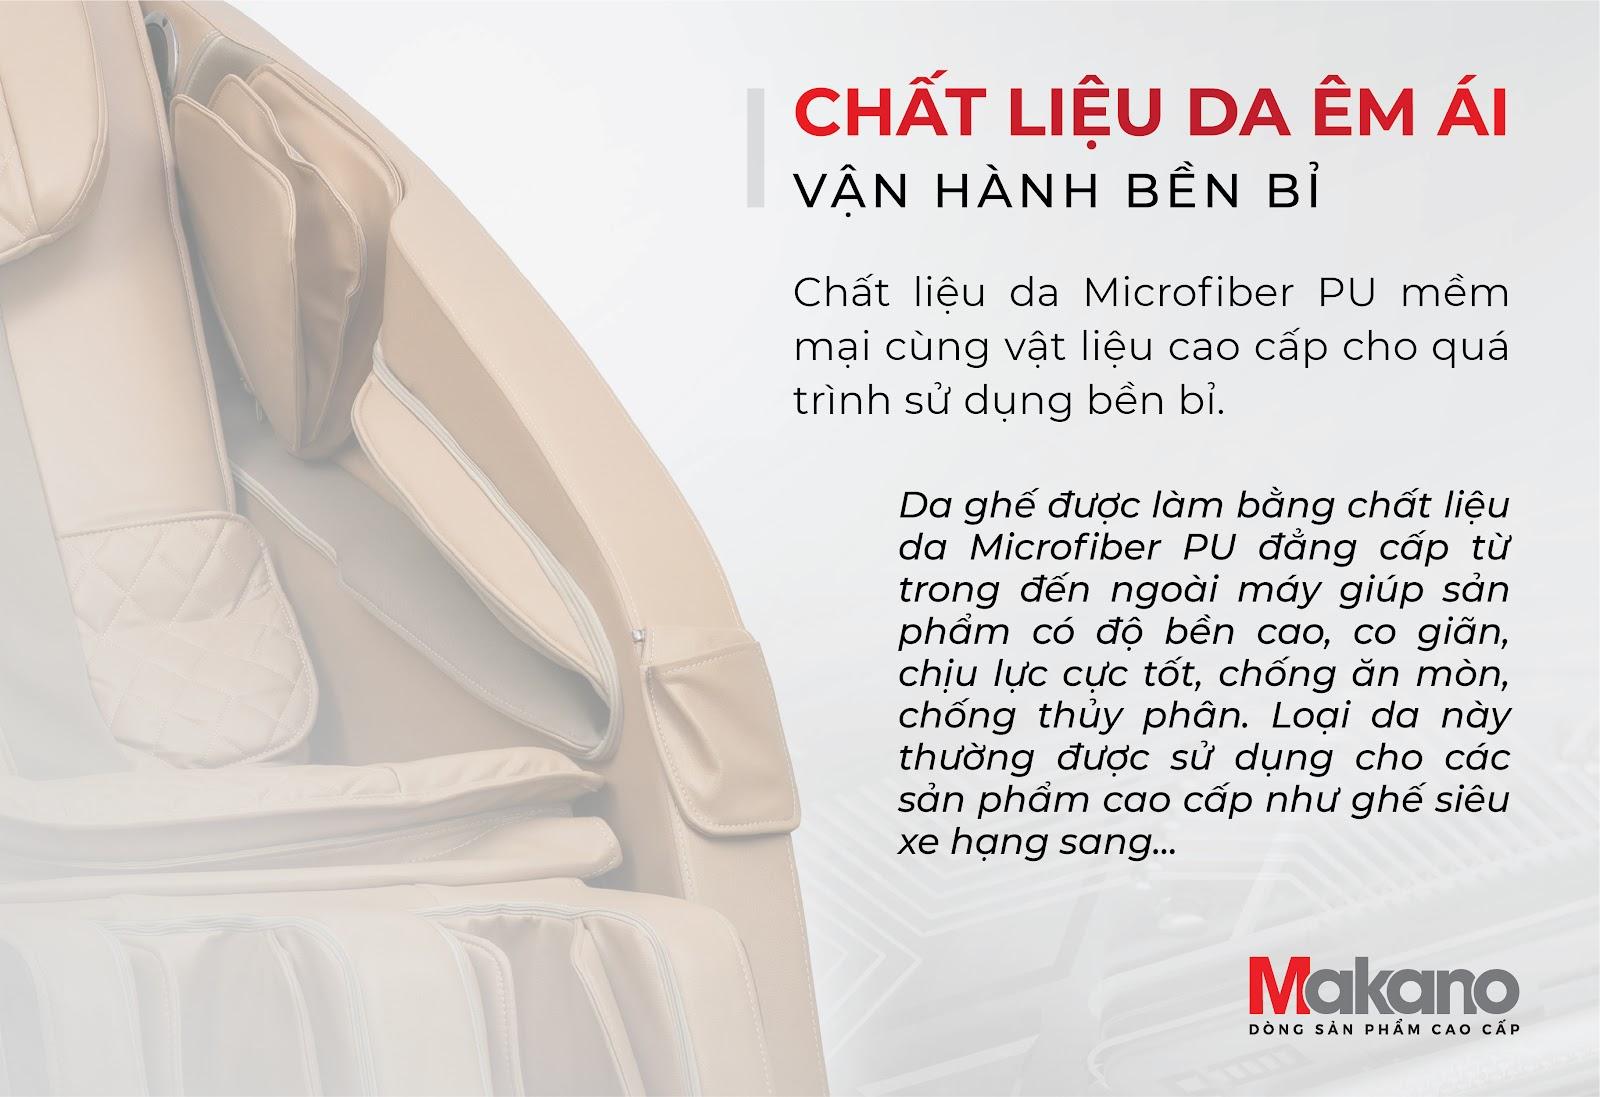 ghế massage  Makano sử dụng chất liệu, nguyên liệu cao cấp